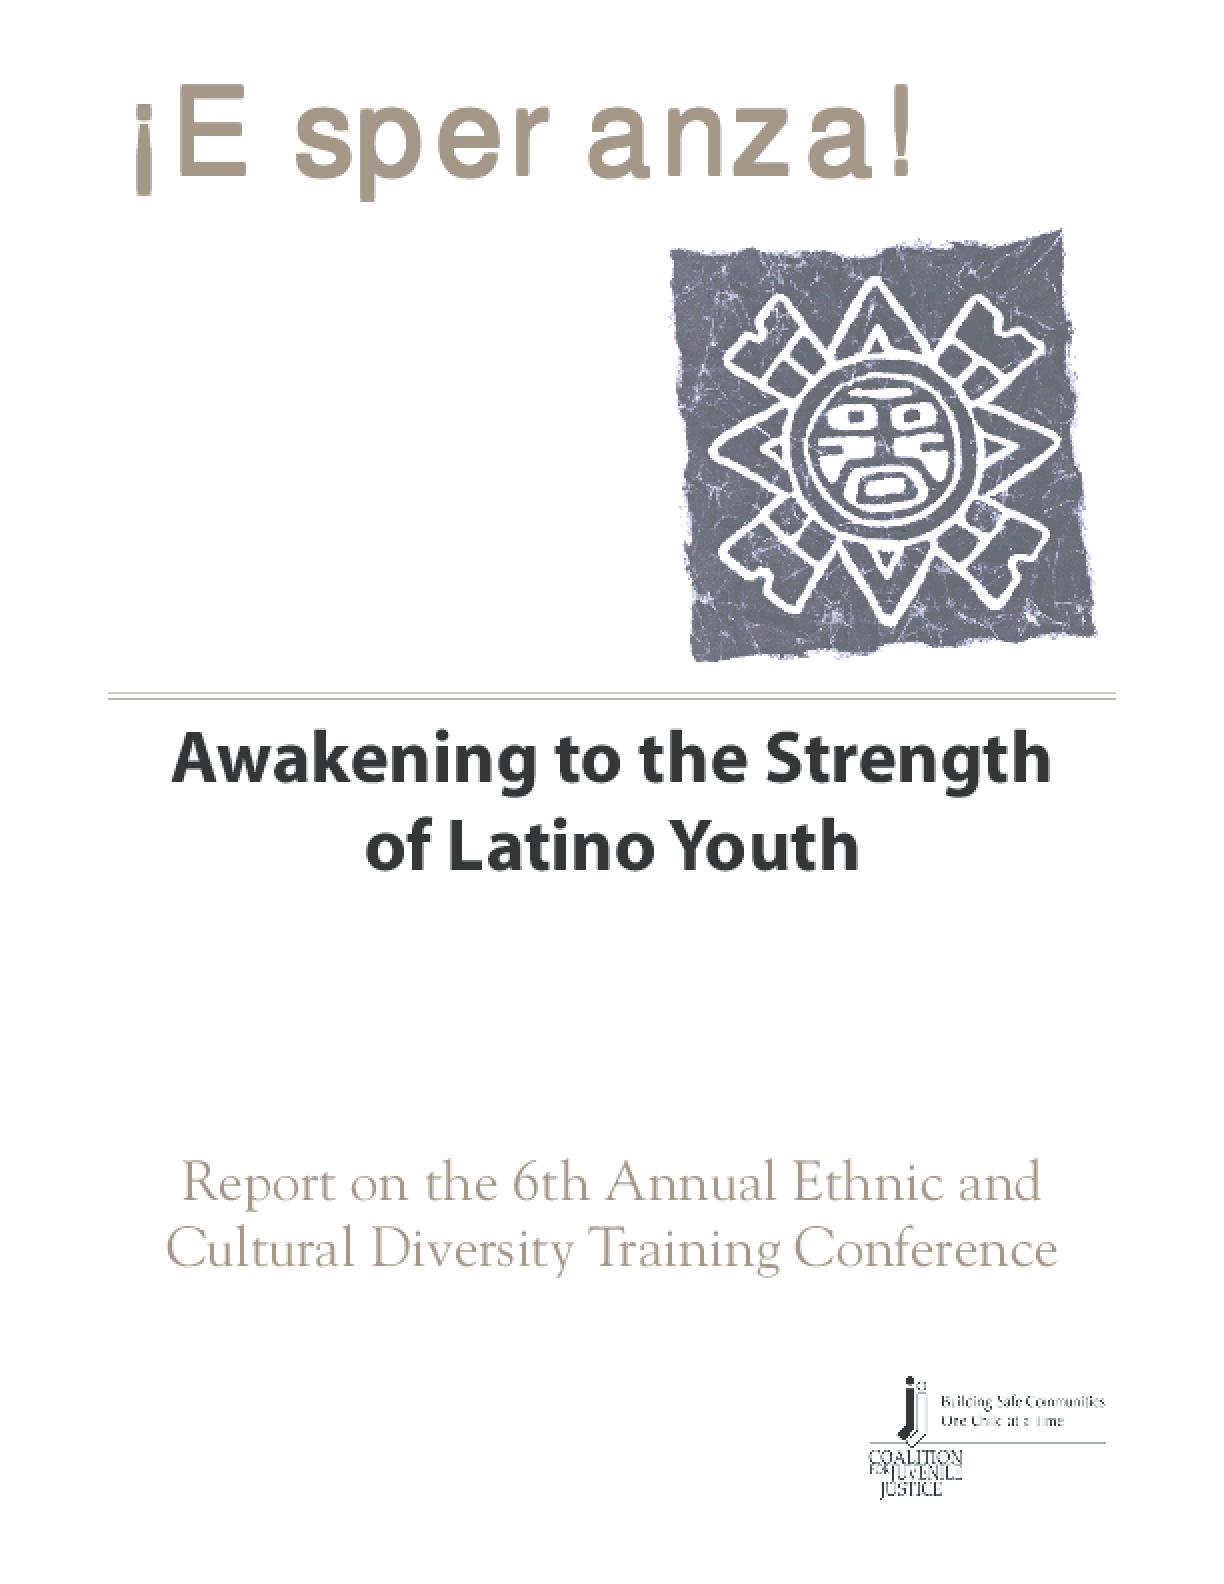 Esperanza! Awakening to the Strength of Latino Youth